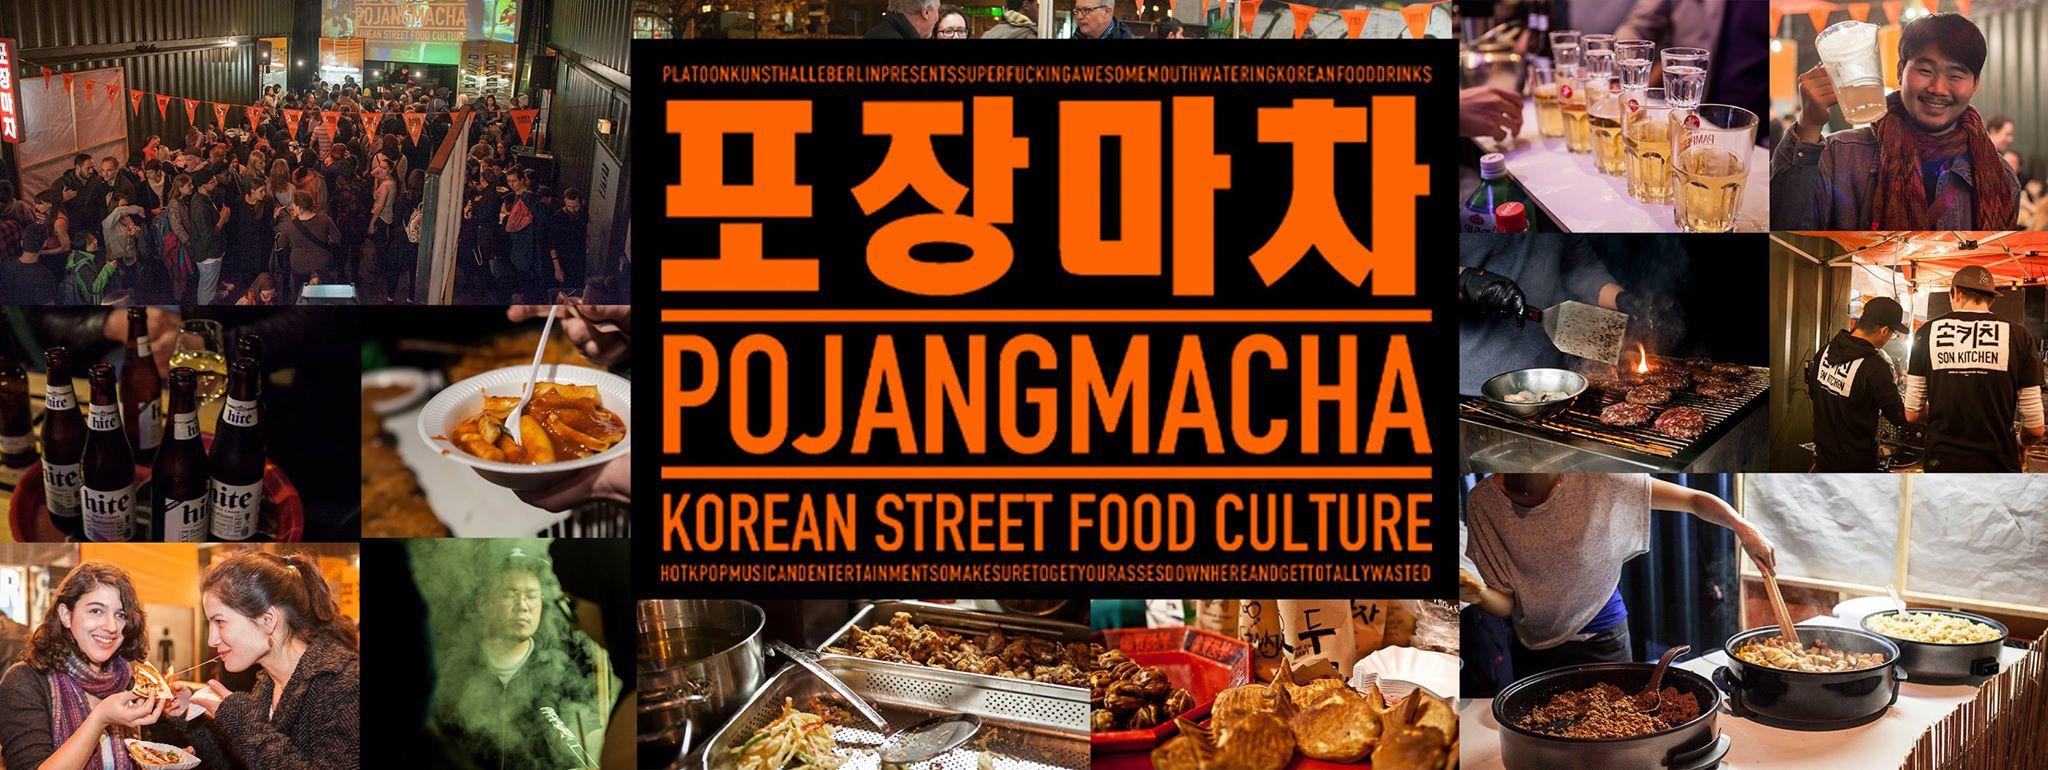 Pojangmacha